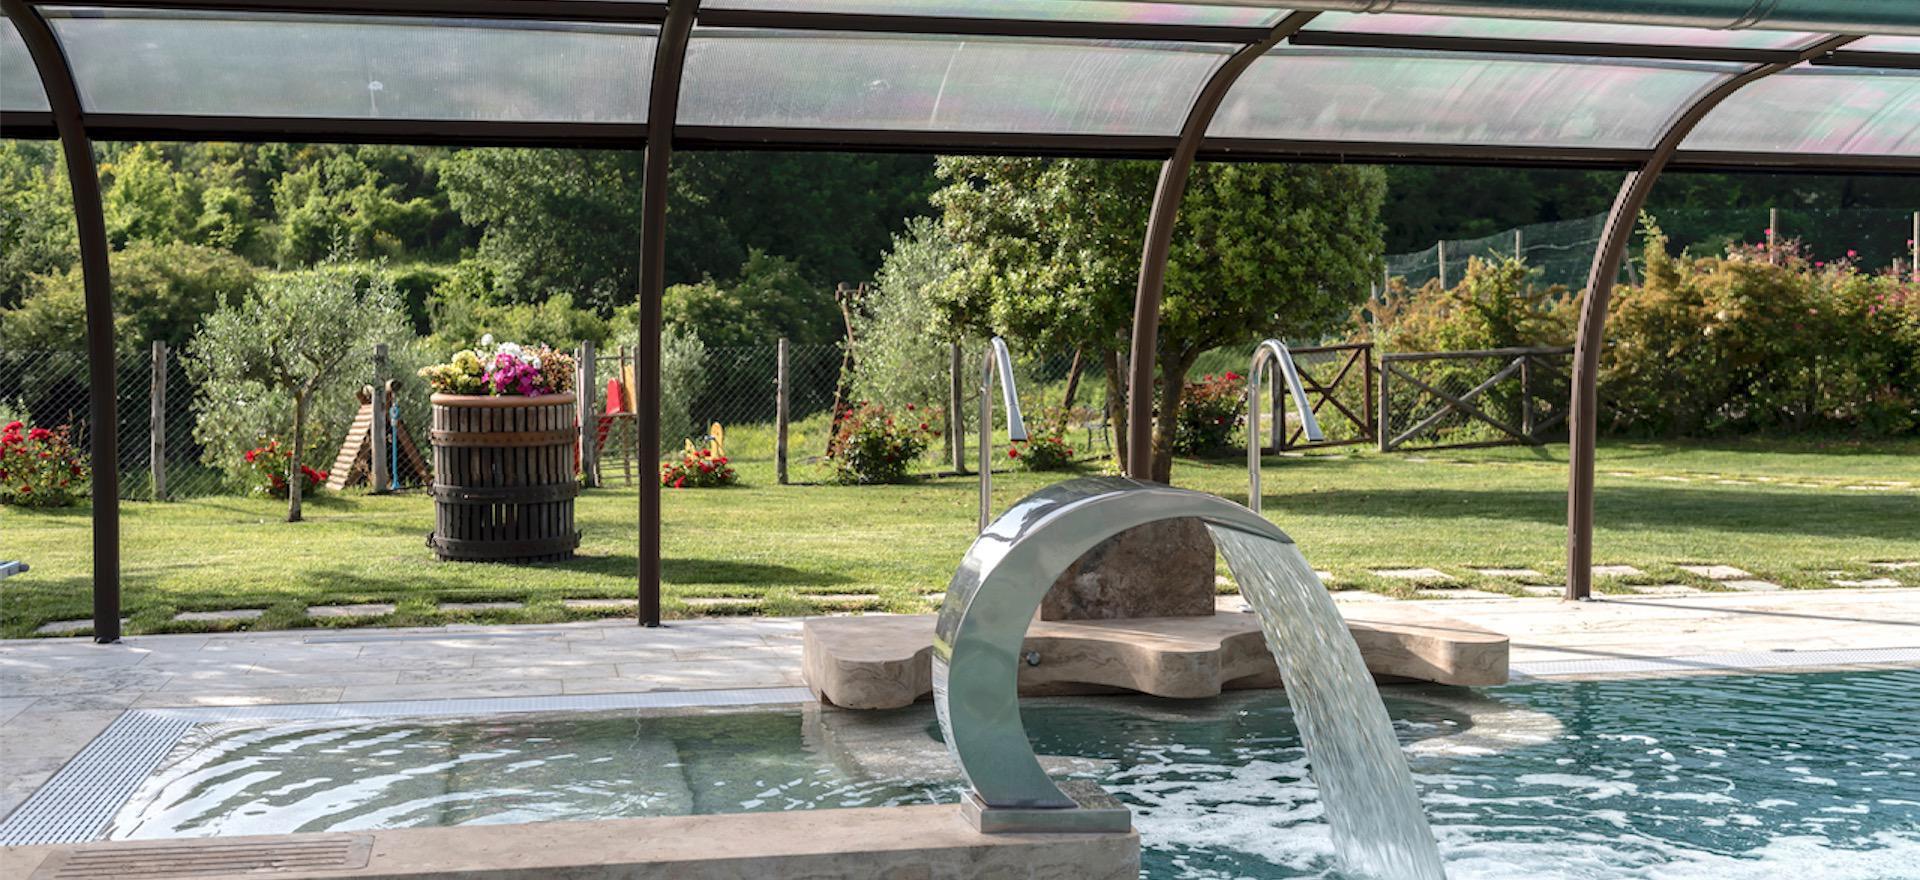 Kindvriendelijk resort in Toscane met geweldig zwembad